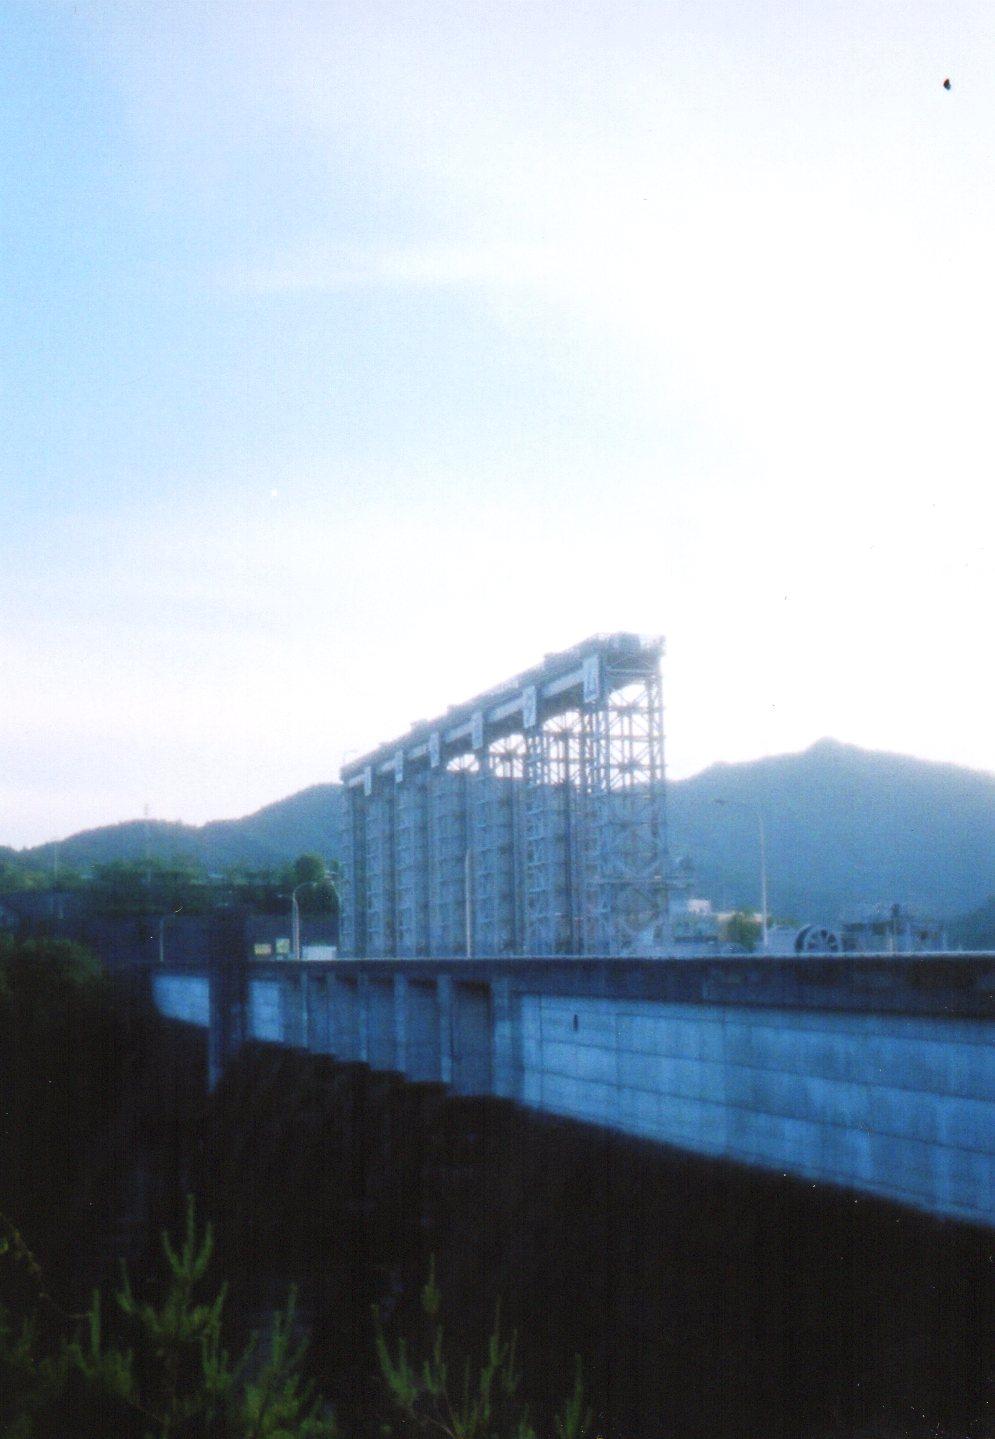 f0190009_13554.jpg